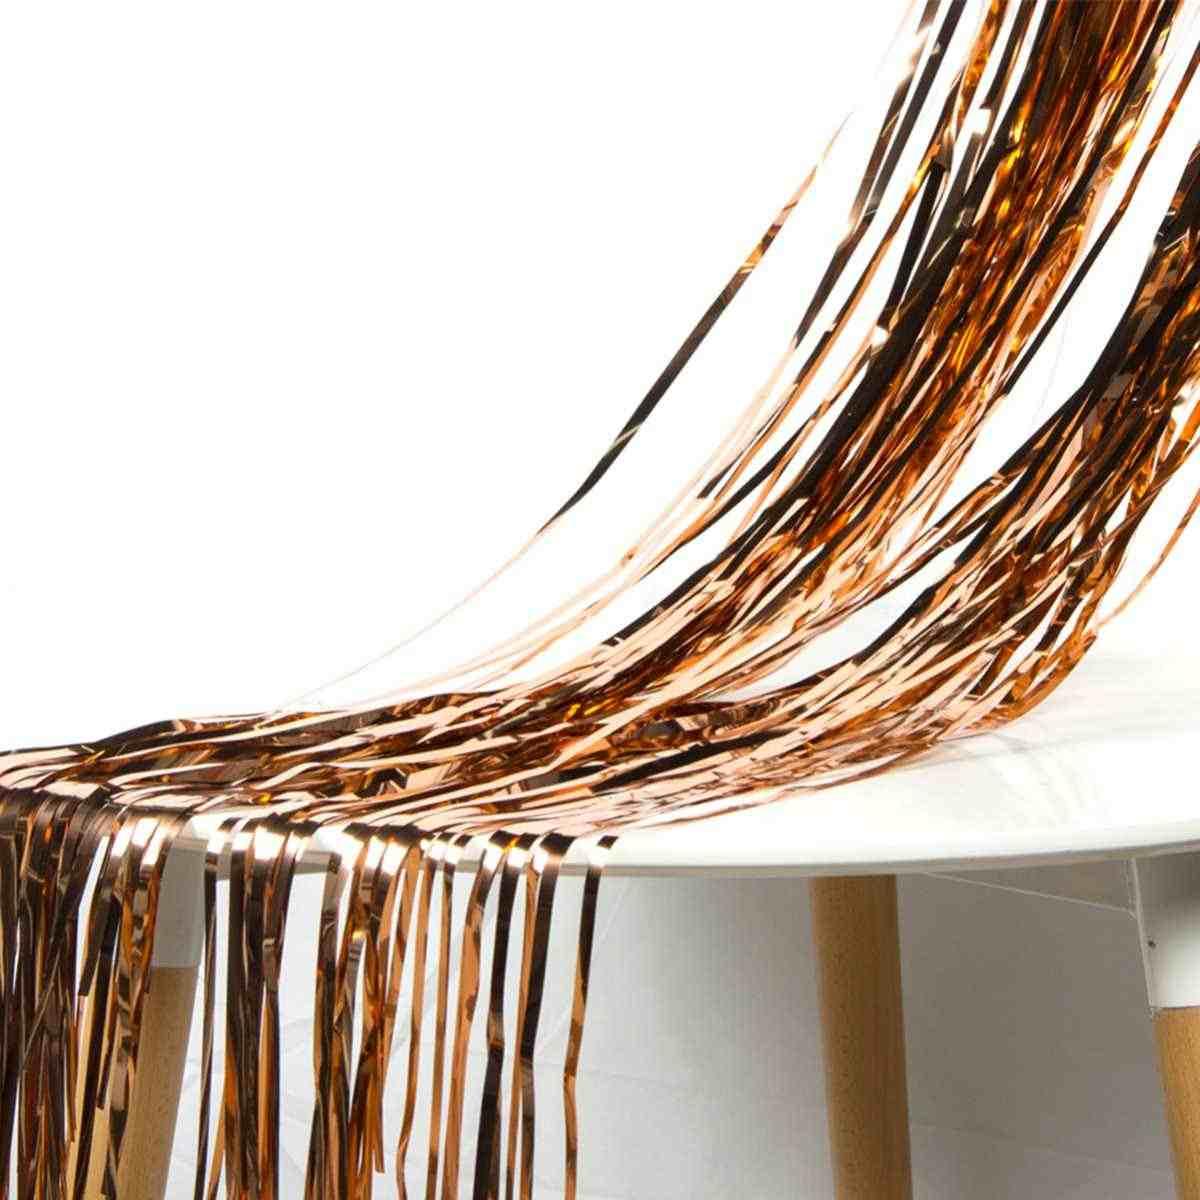 92*245cm ouro rosa folha metálica enfeites franja cortina festa de aniversário decoração casamento fotografia pano de fundo cortina foto prop